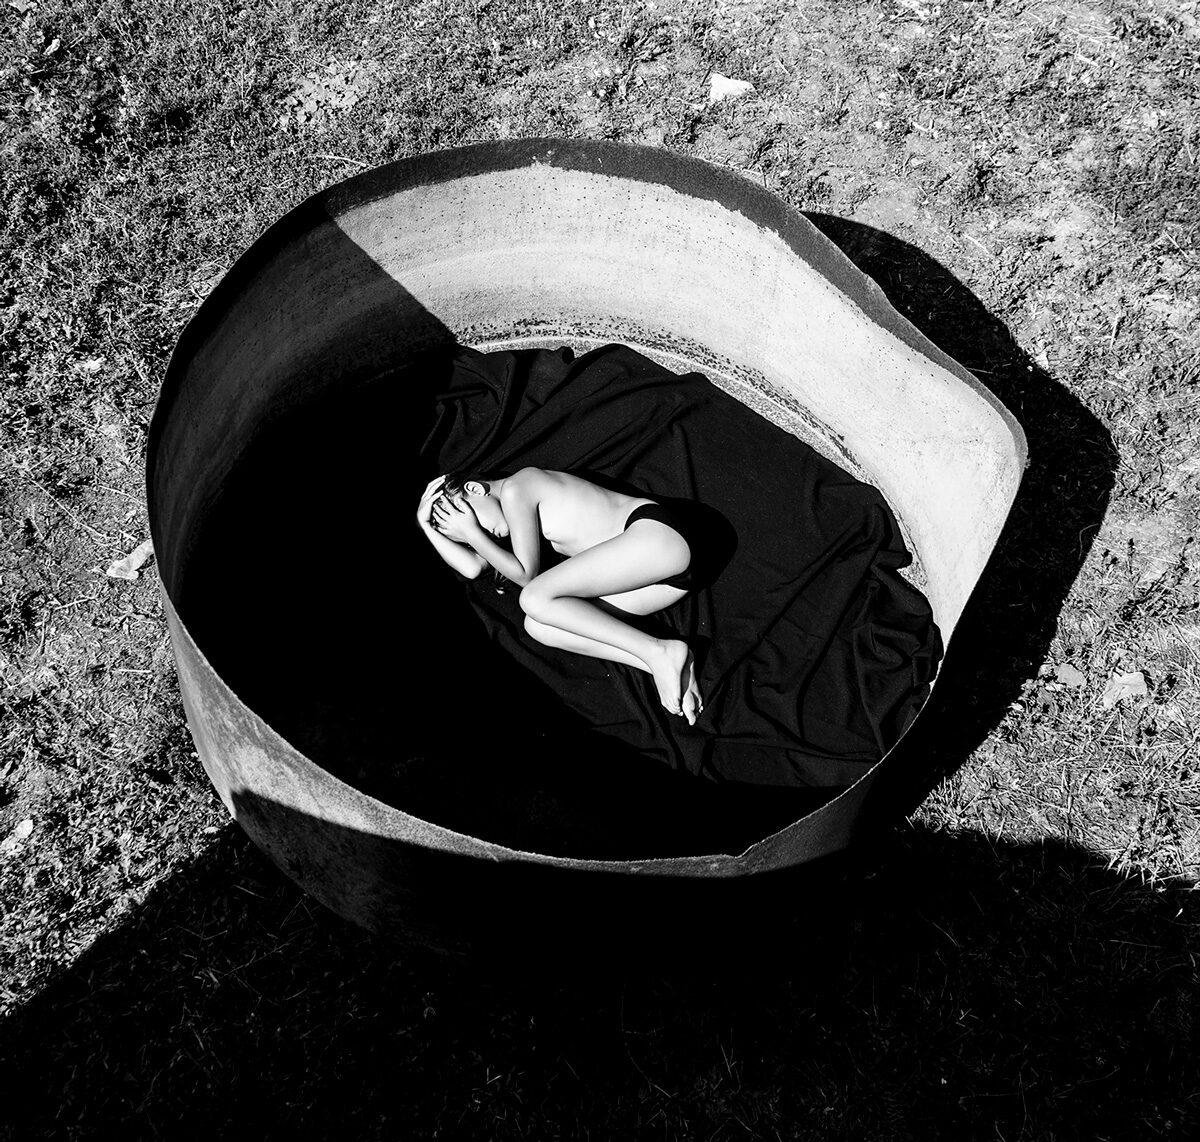 © Karina Bikbulatova